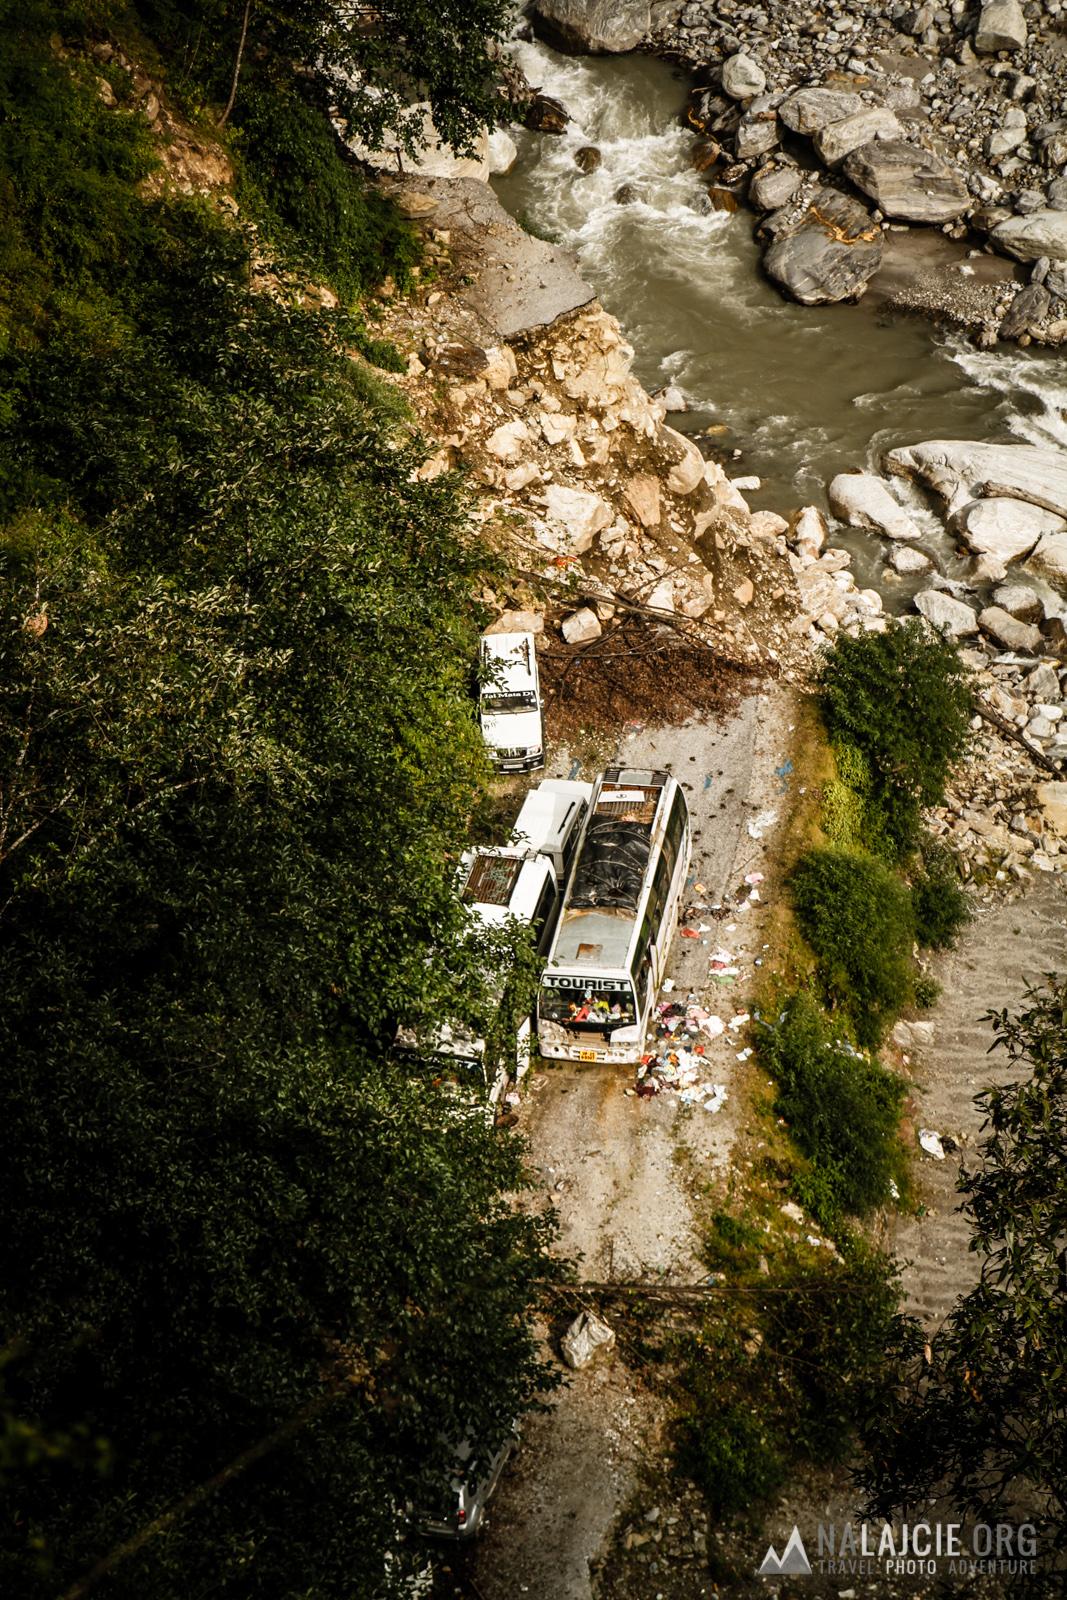 Na dnie doliny w dalszym ciągu stoją opuszczone samochody i autobusy.